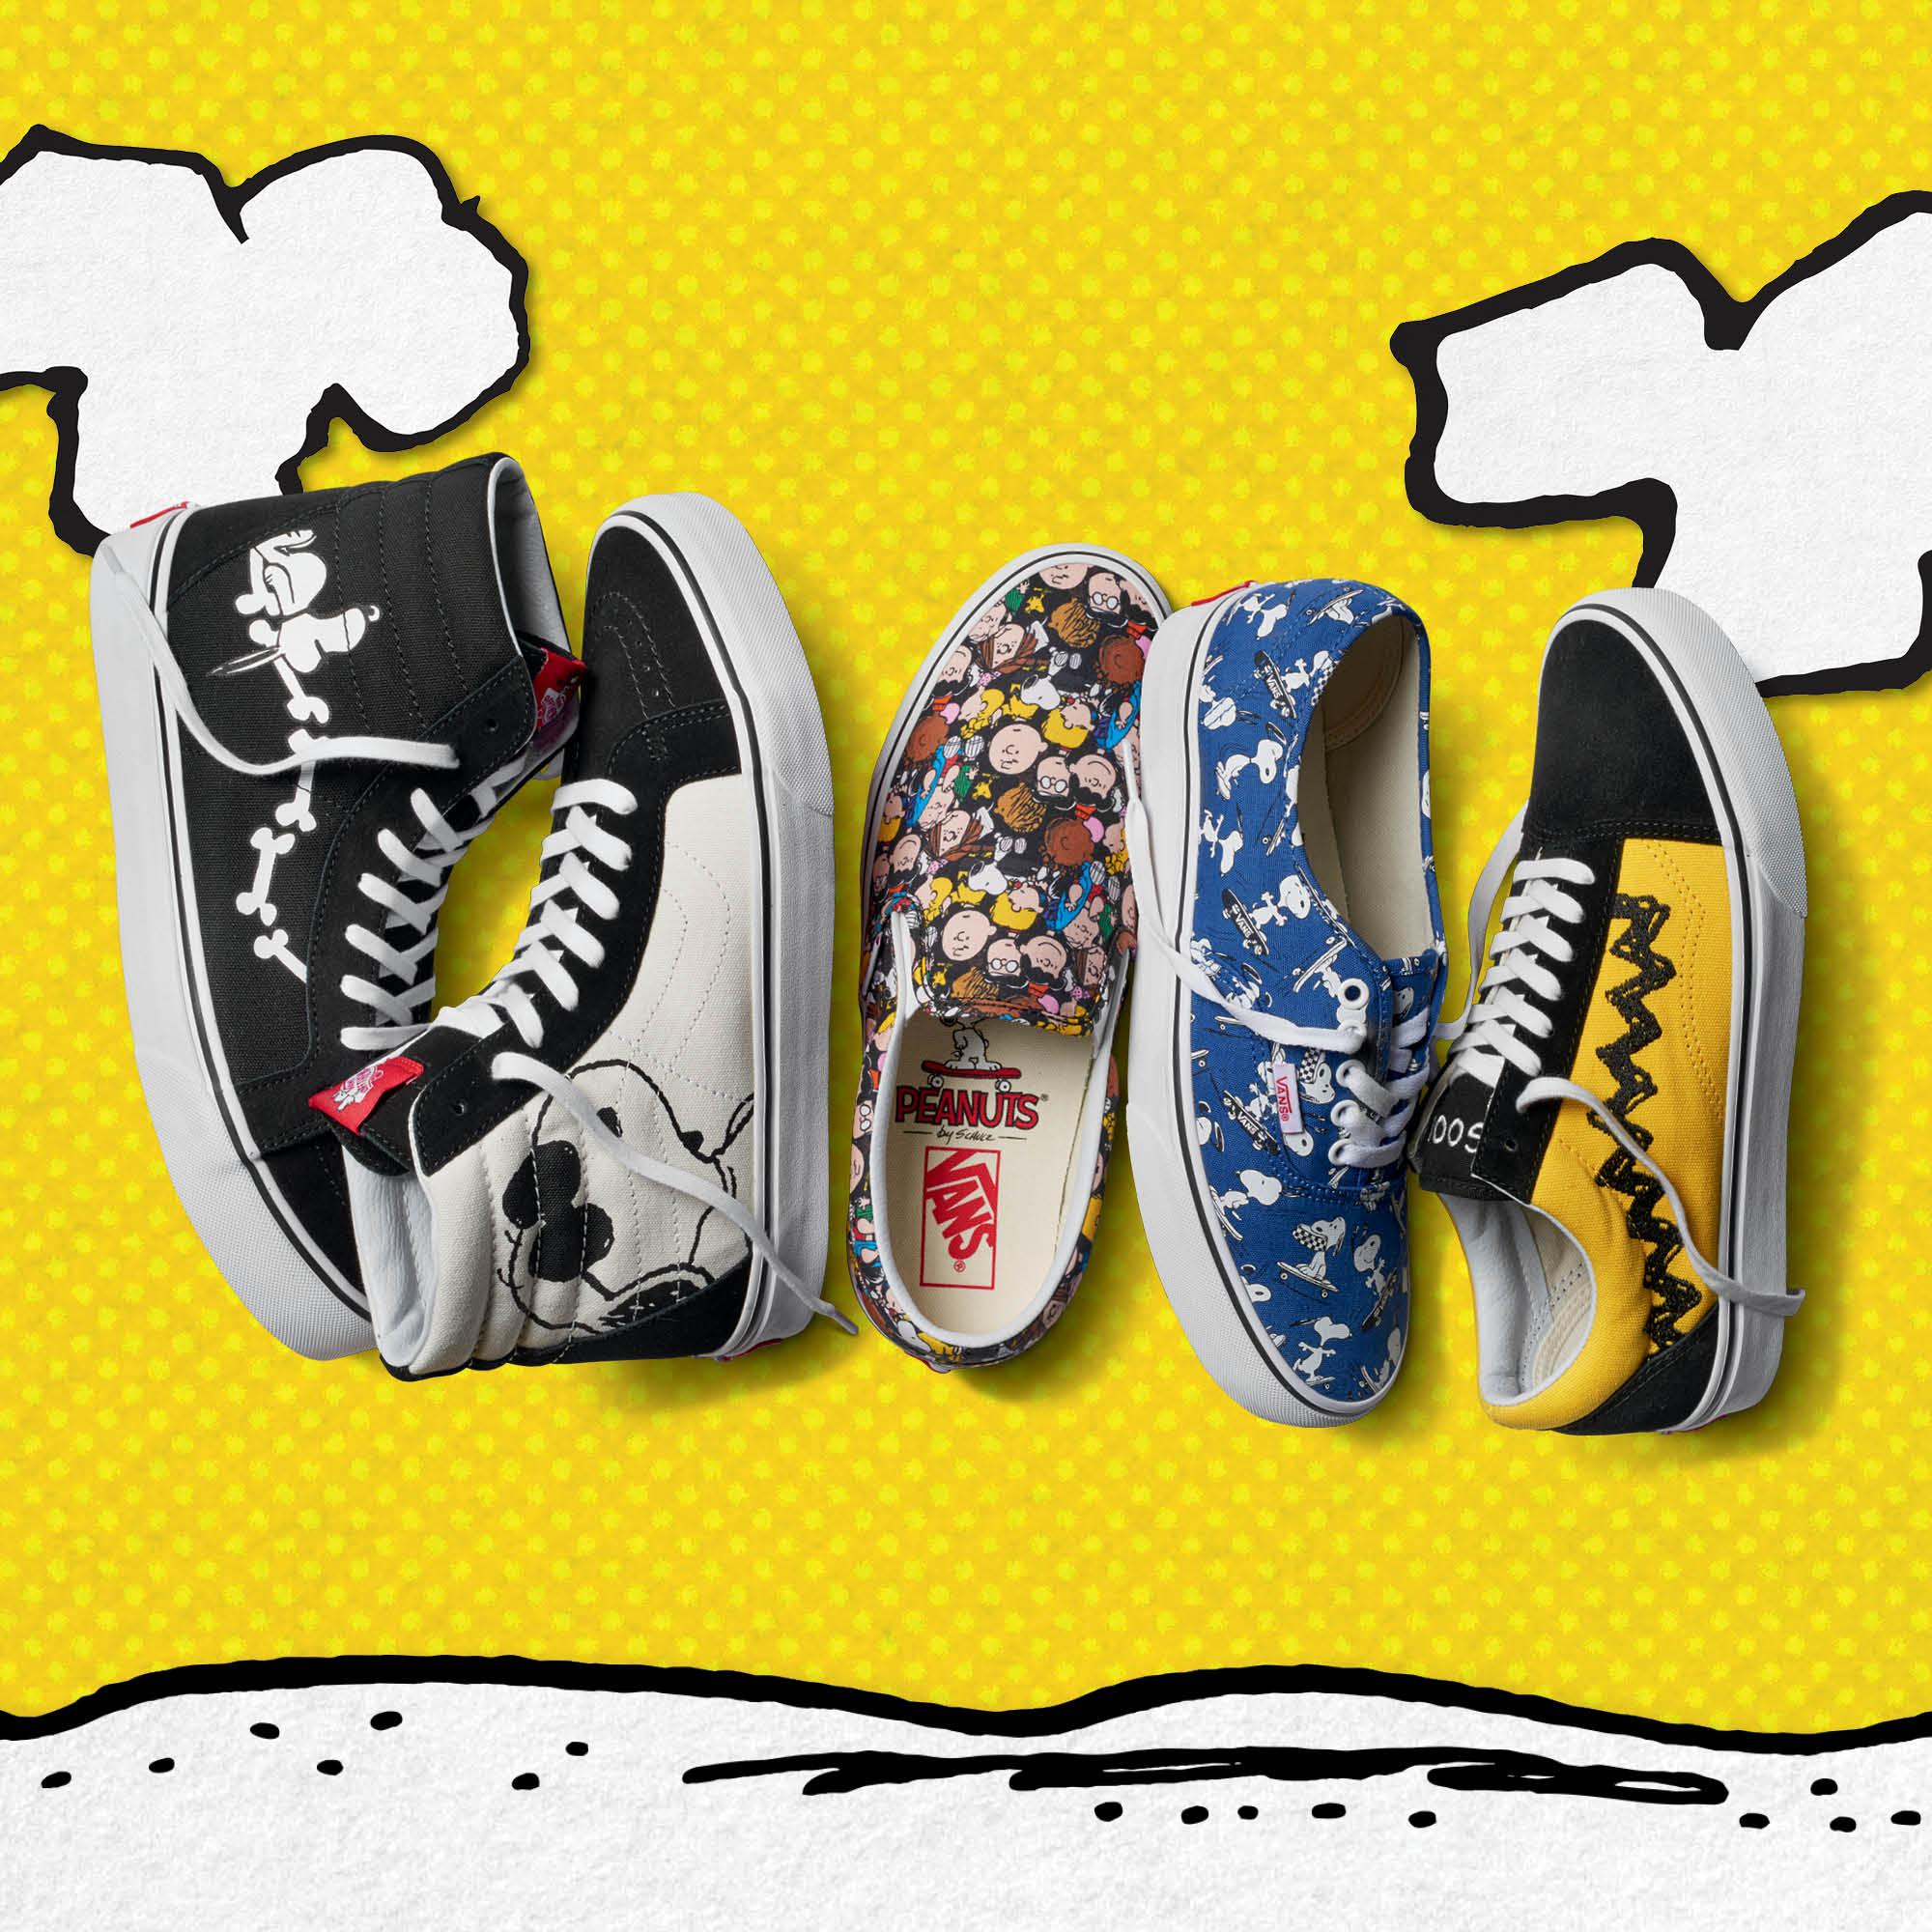 3fe893093 El authentic cuenta con una impresión exclusiva para Vans que muestra a  Snoopy patinando en varias posiciones. Además